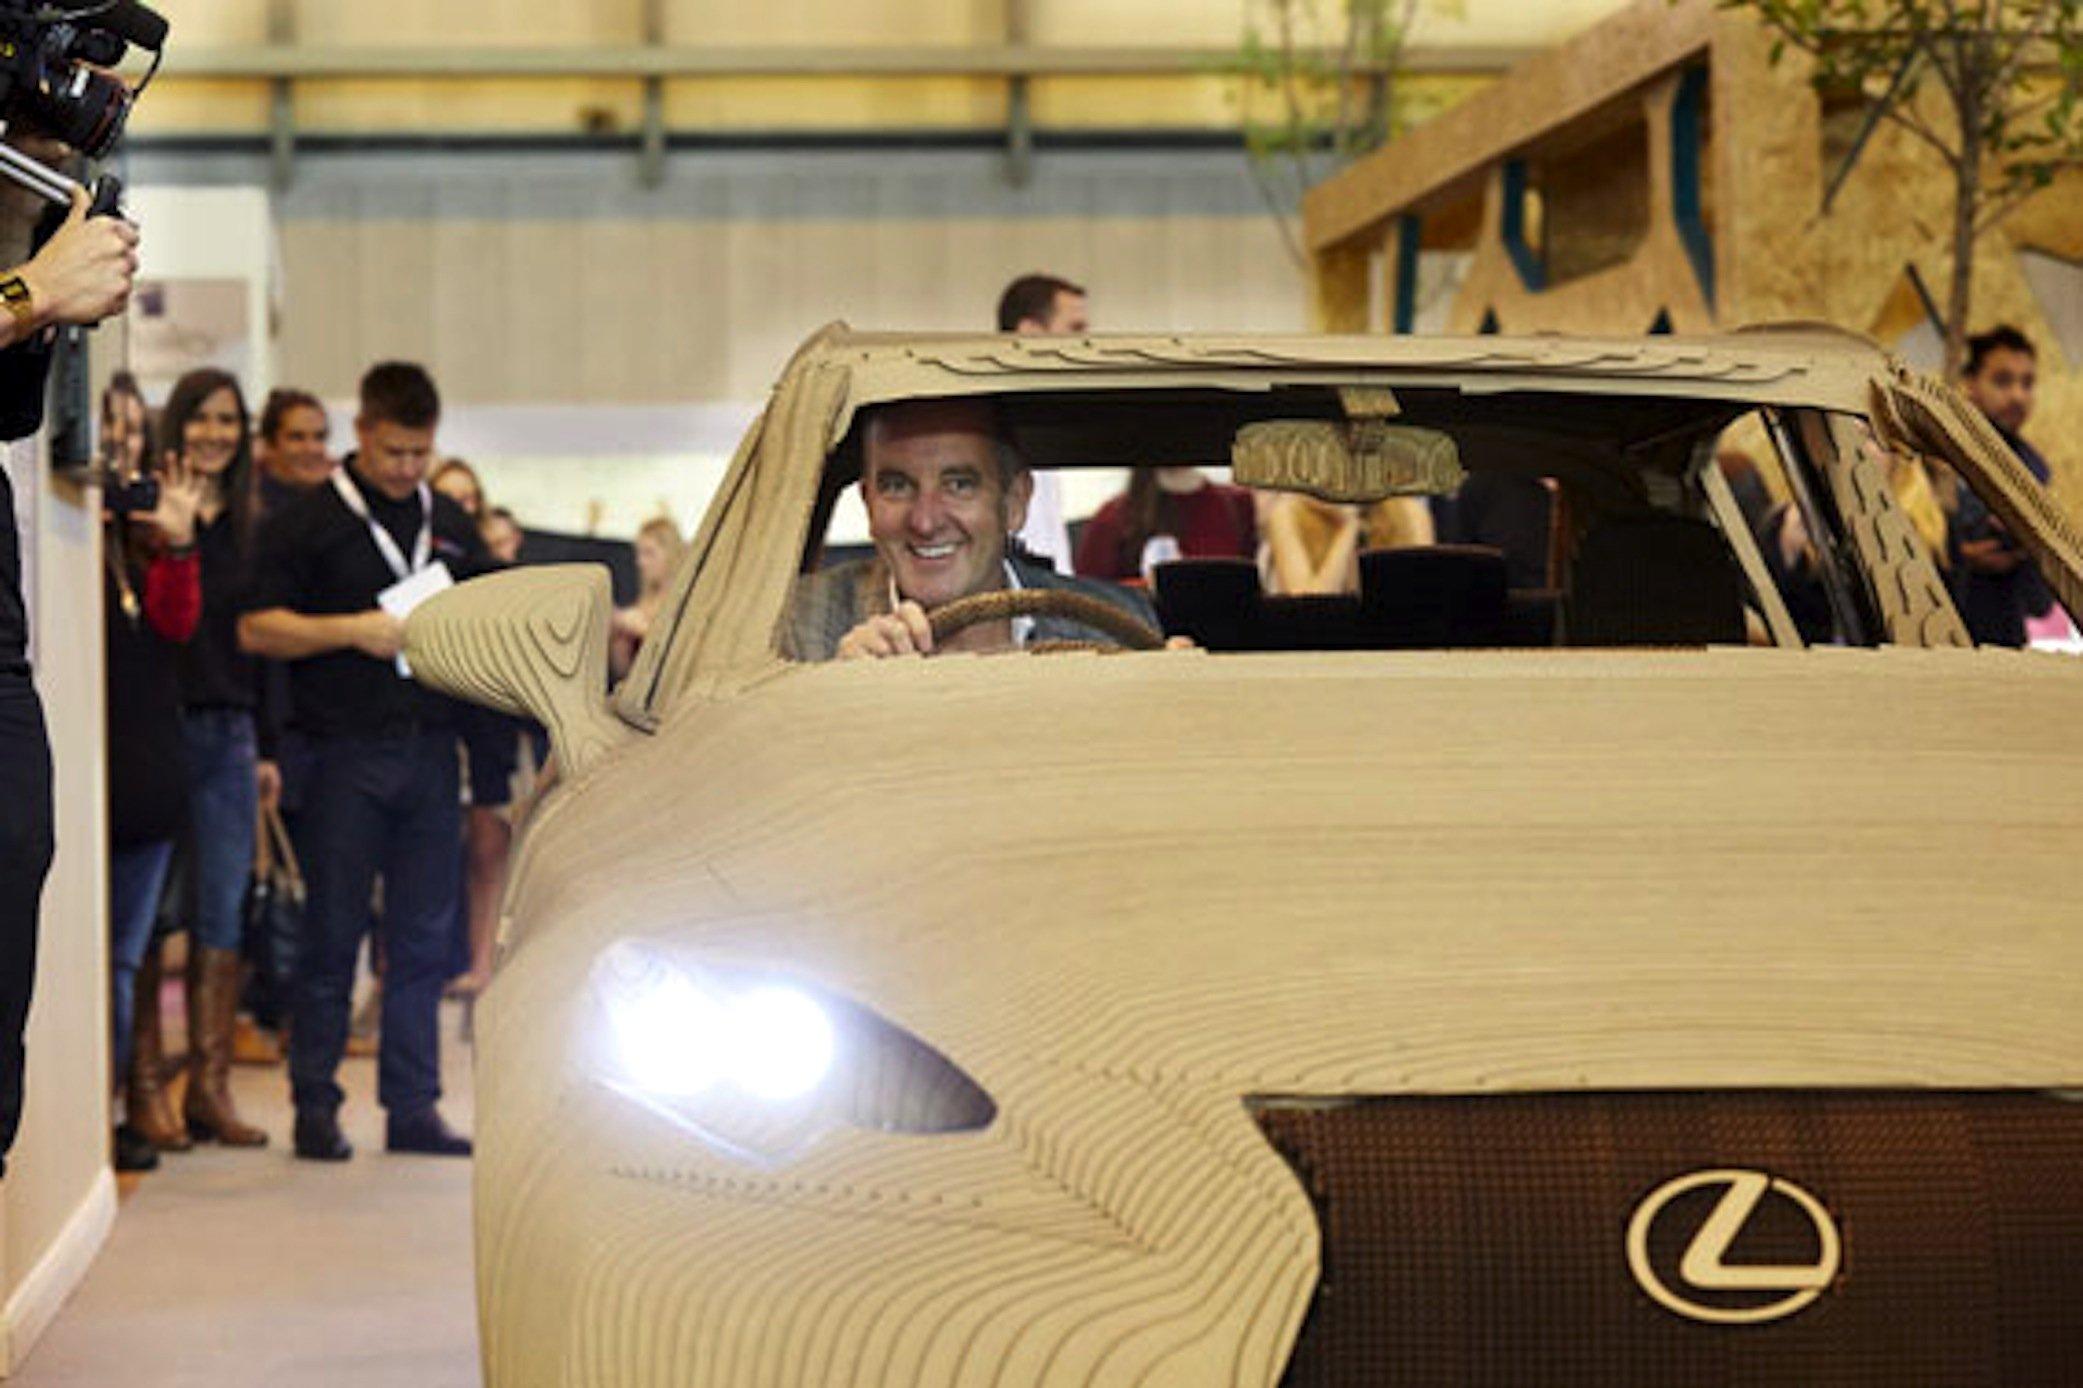 Der britische Designer Kevin McCloud fuhr am Wochenende auf einer Designmesse in Birmingham ein Stück mit dem Lexus IS aus Pappe.